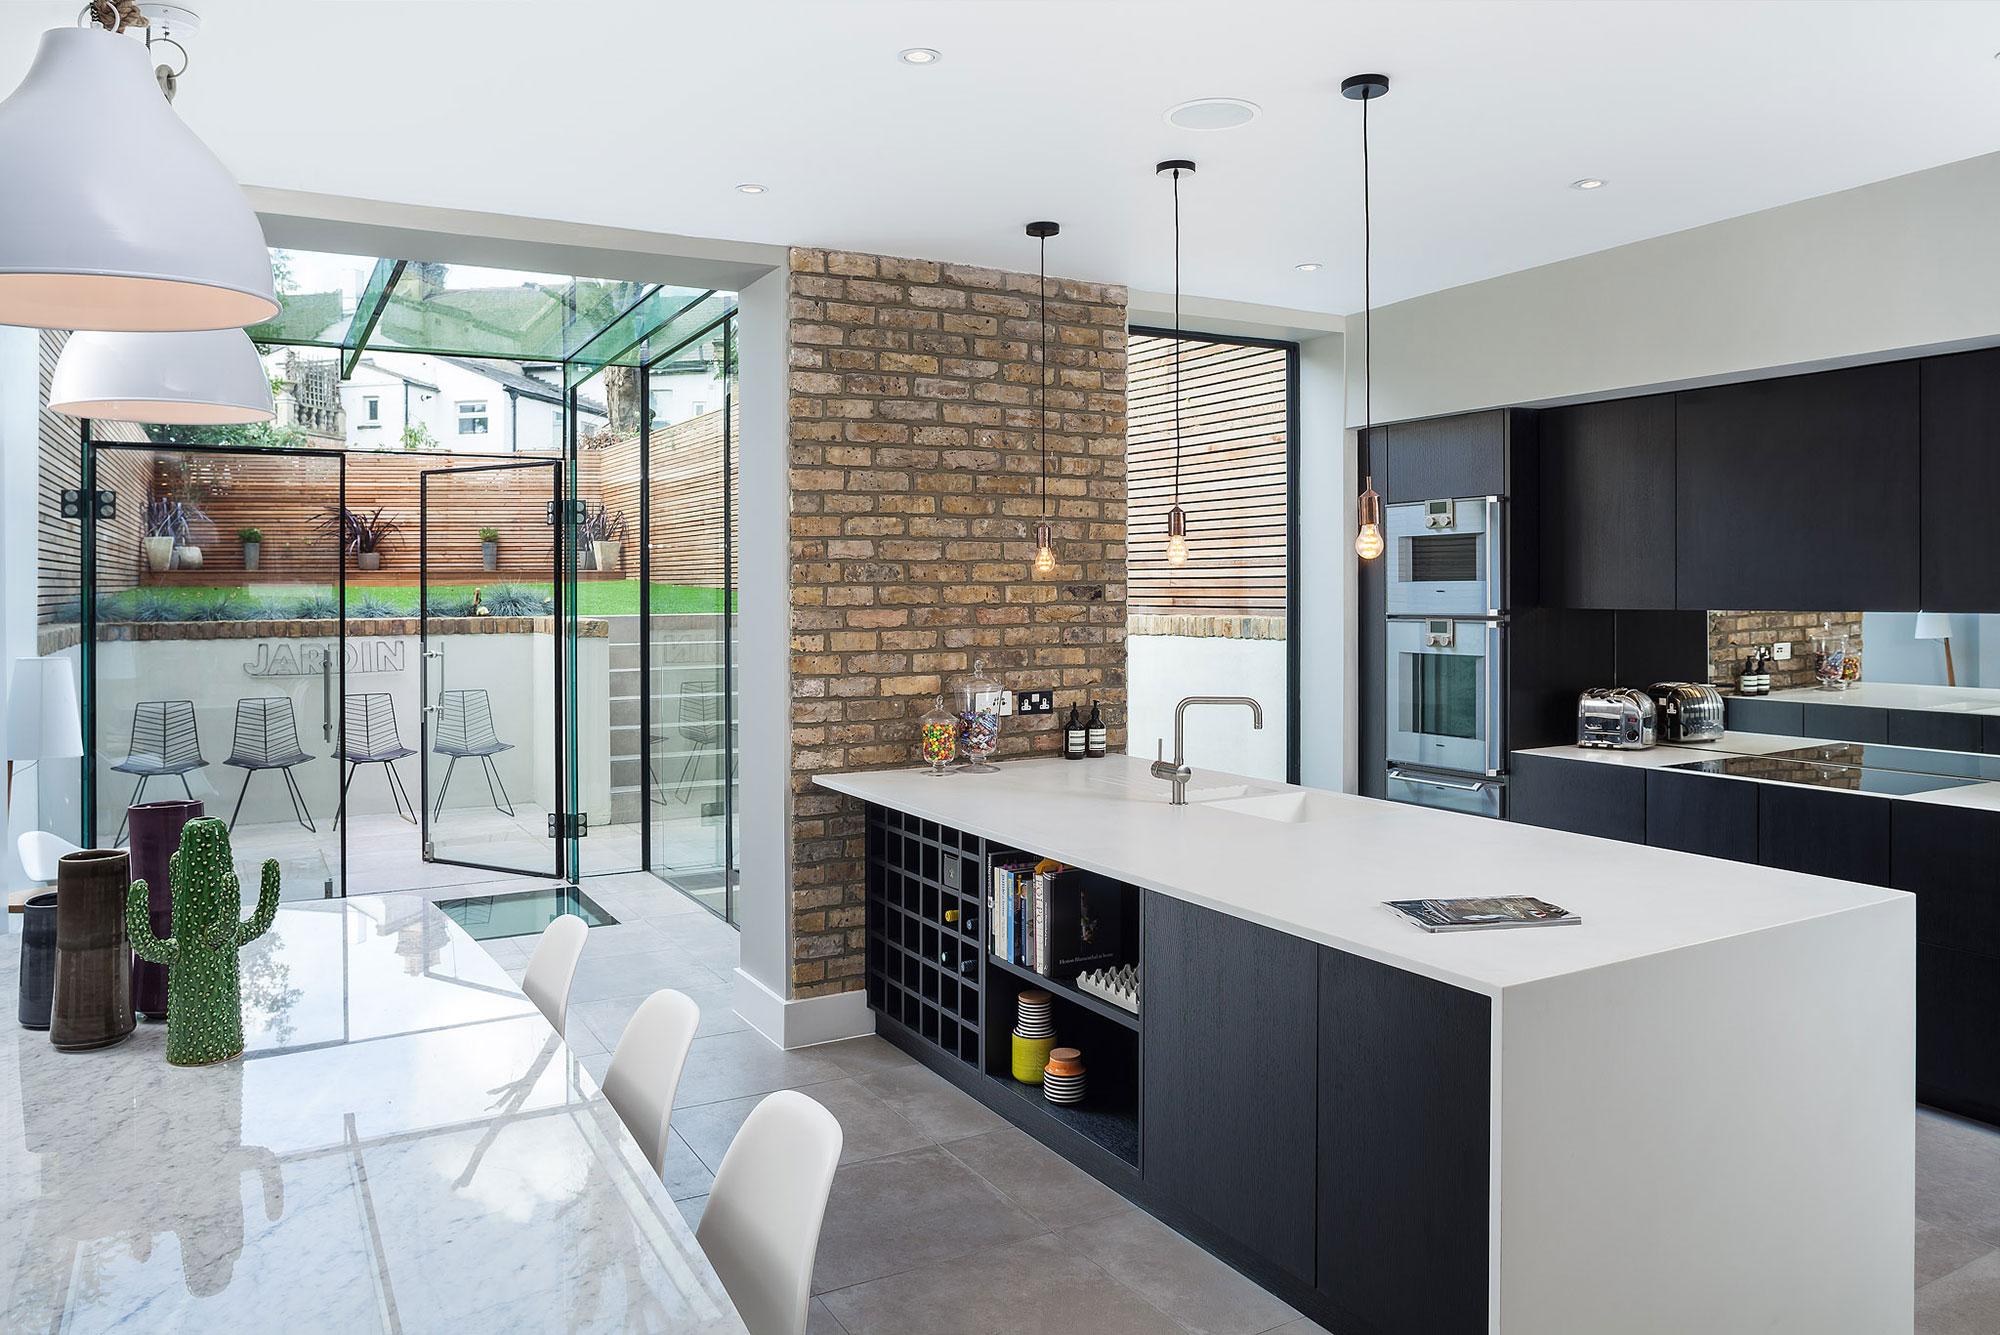 Opulen building project management services London